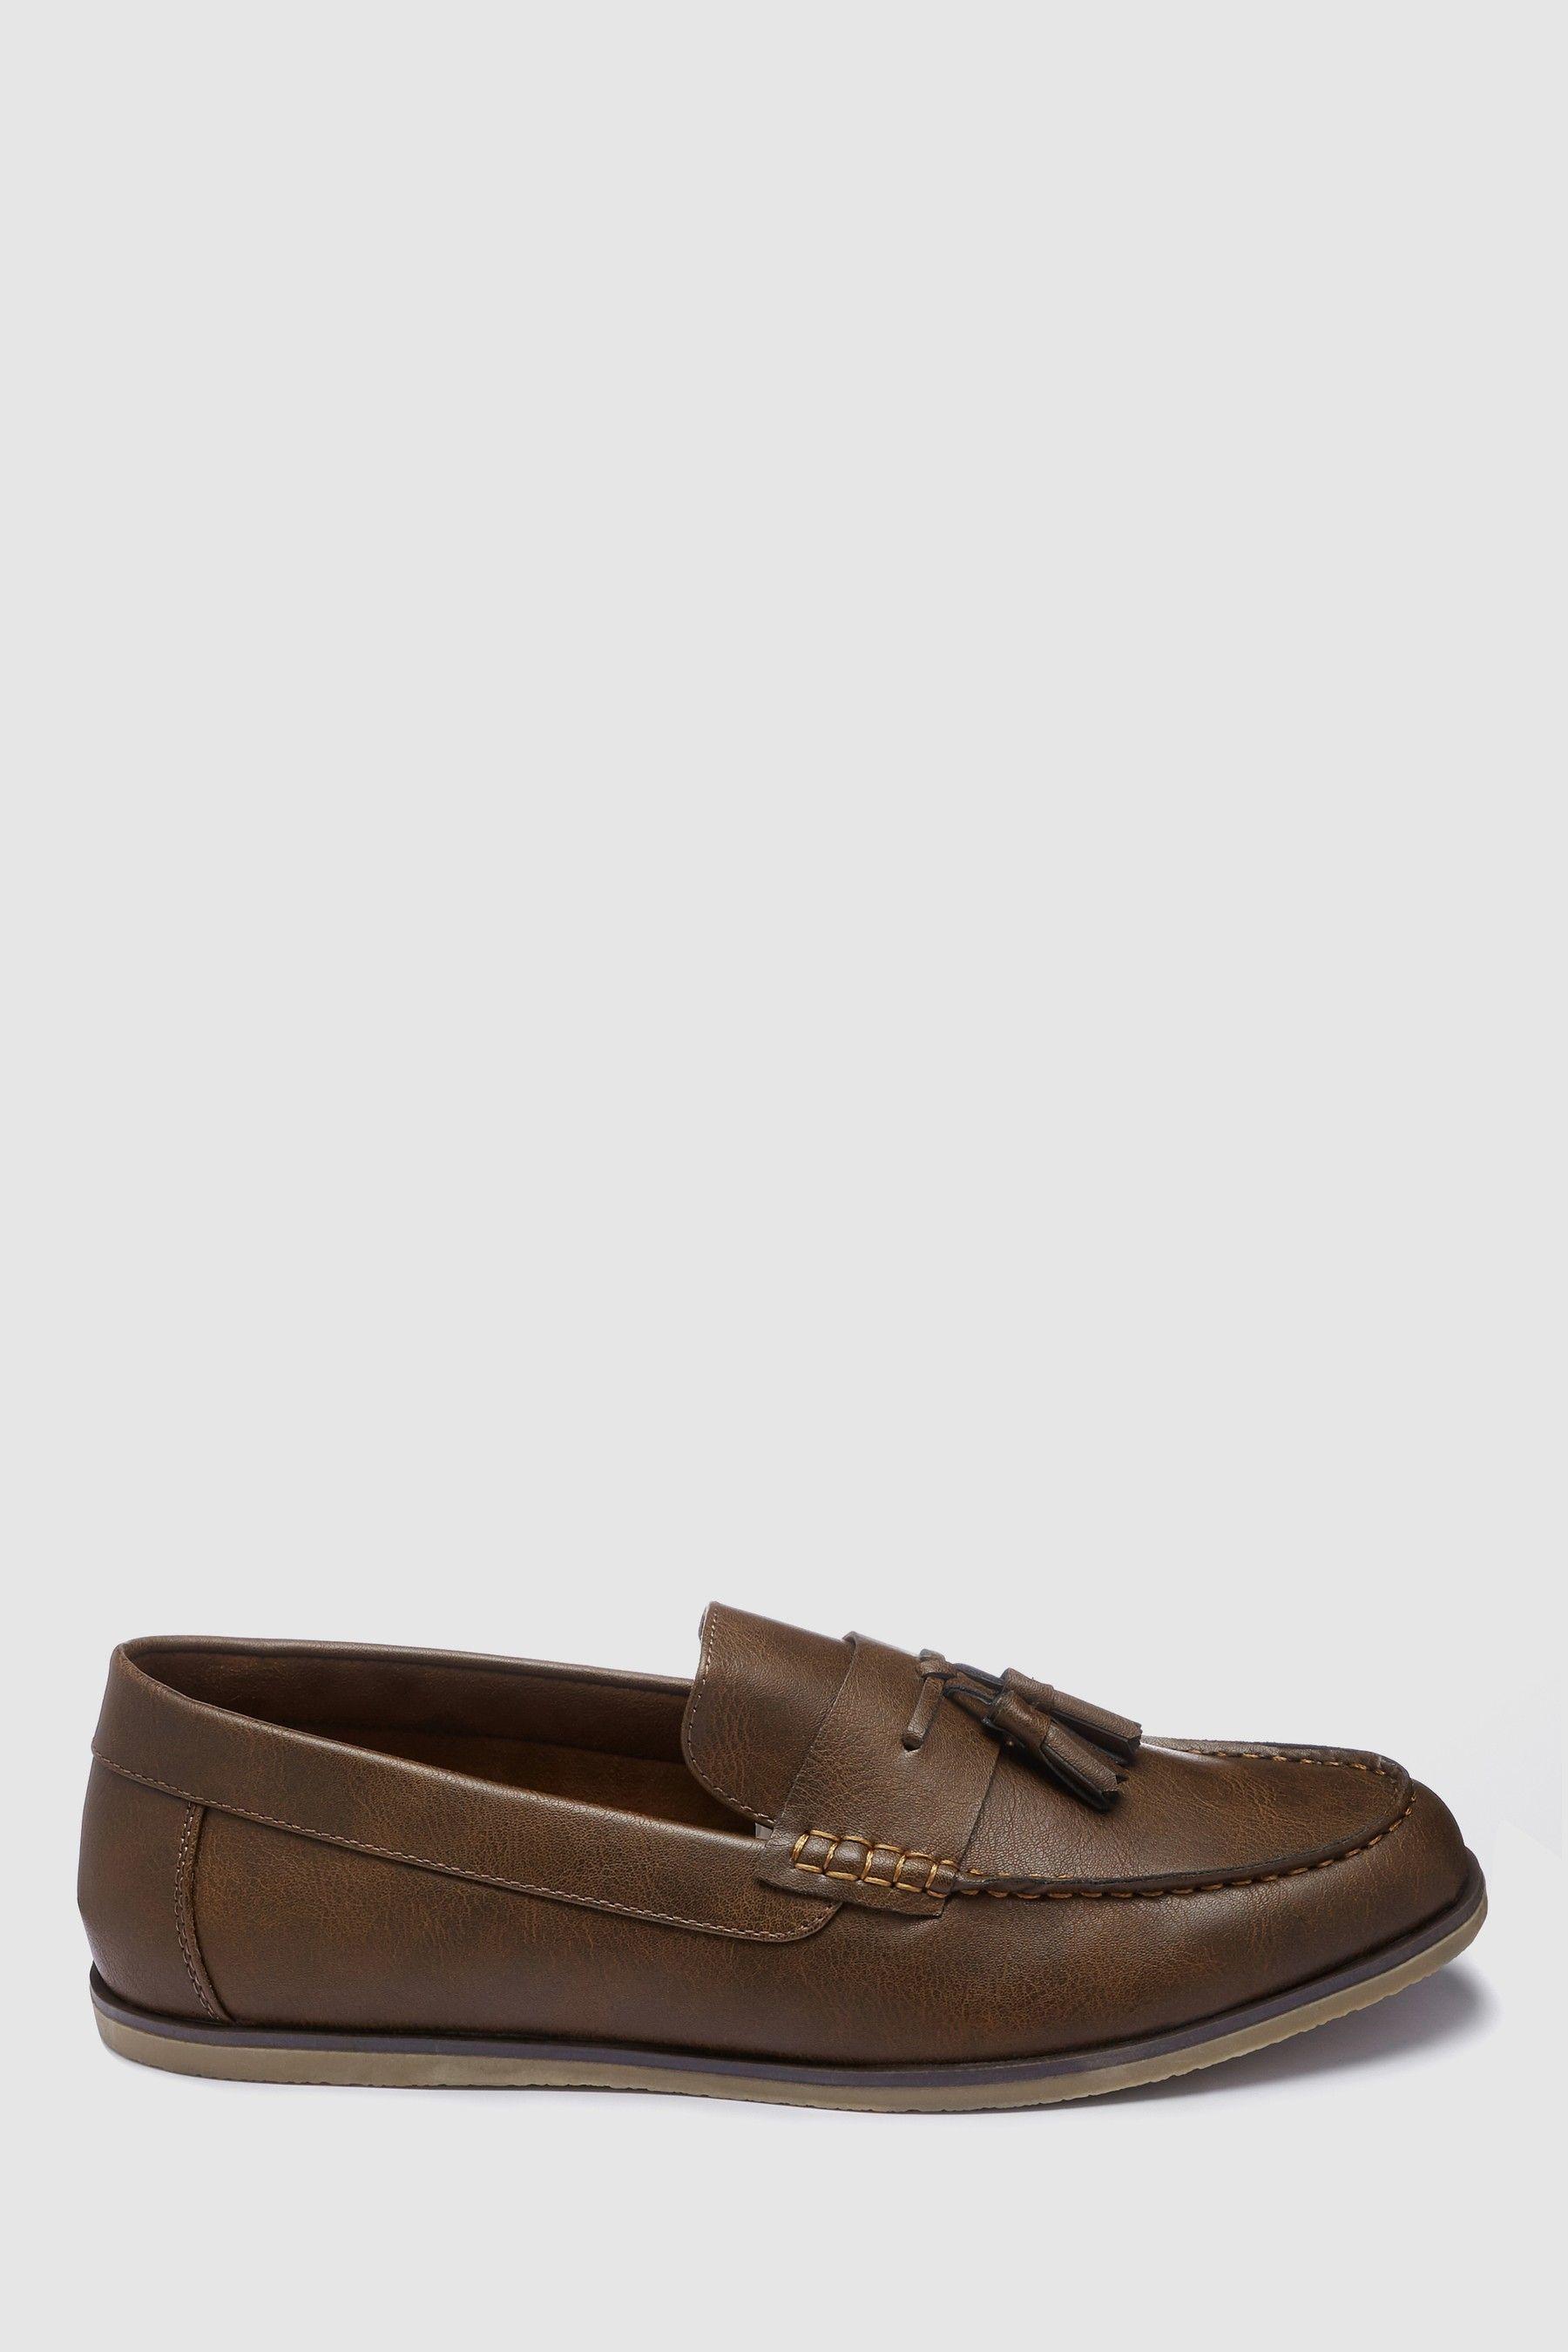 Mens Next Brown Tassel Loafers - Brown